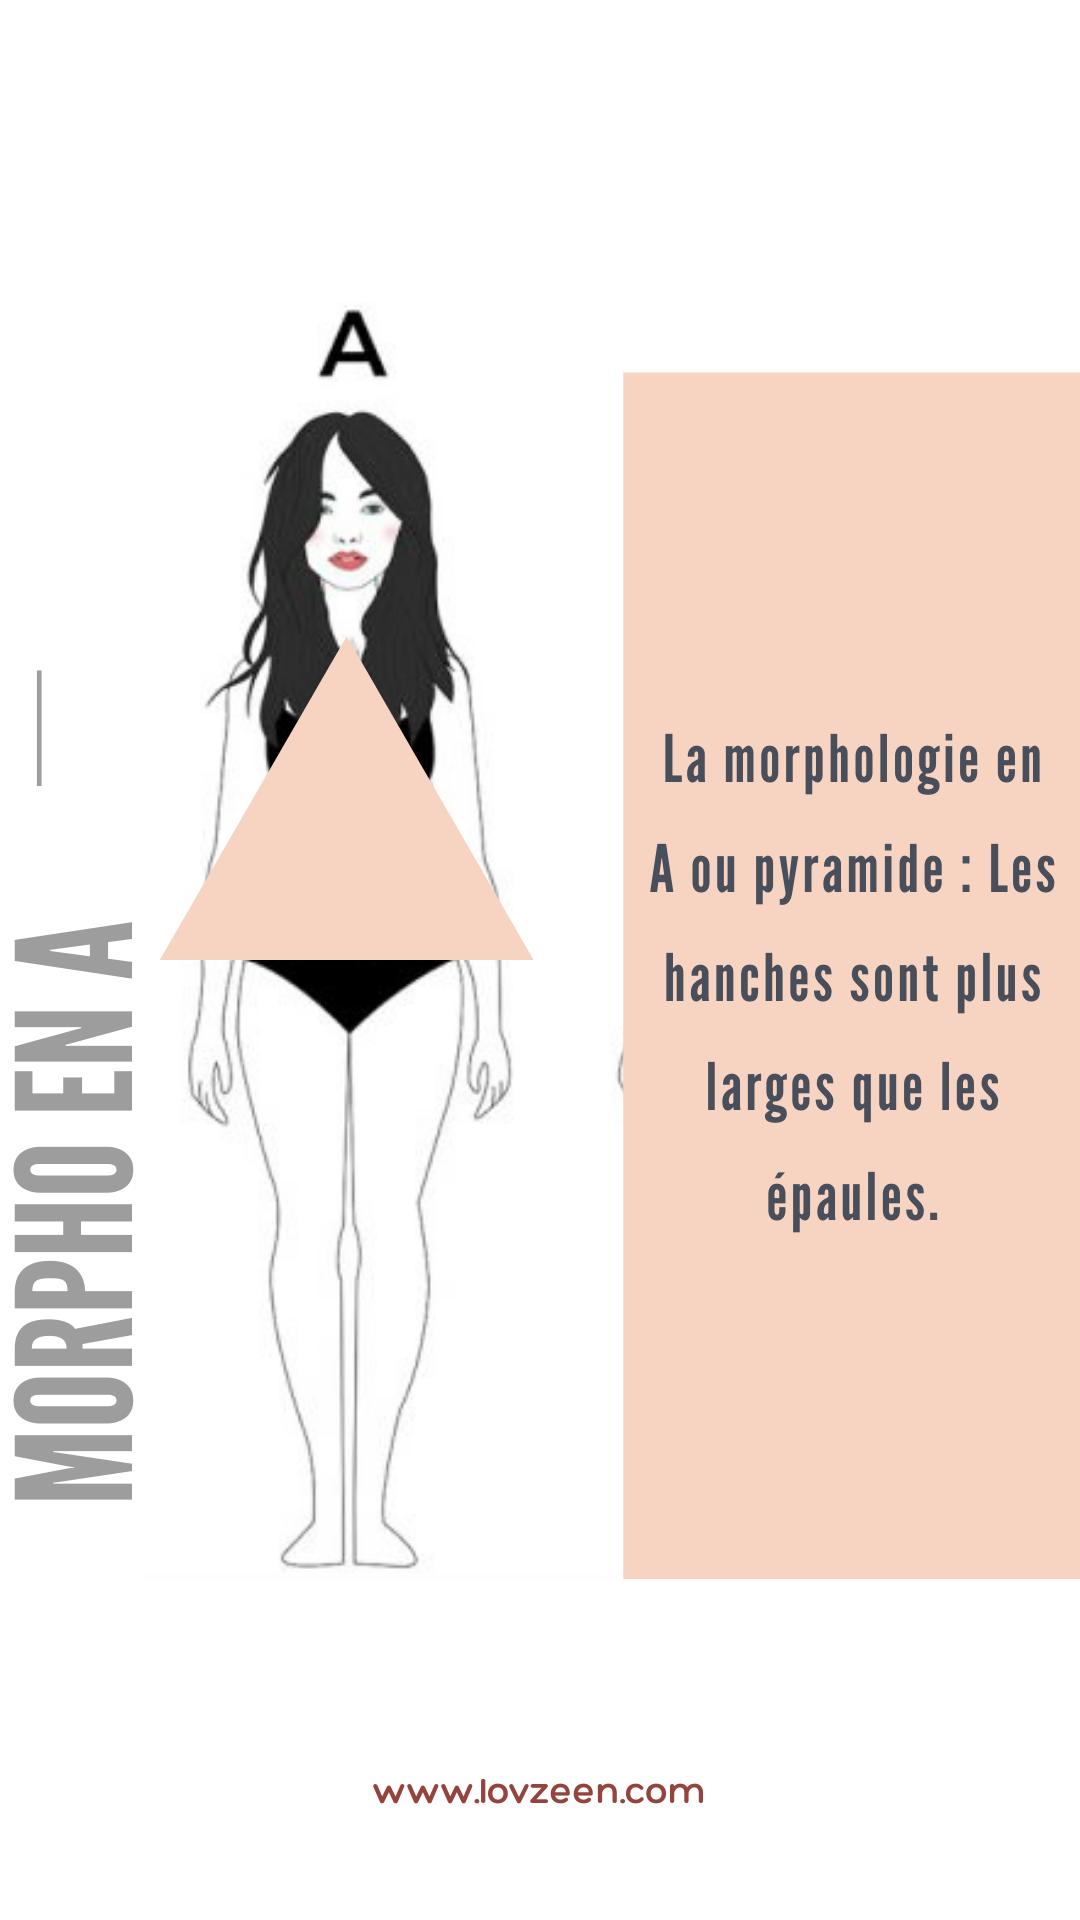 Morphologie triangle